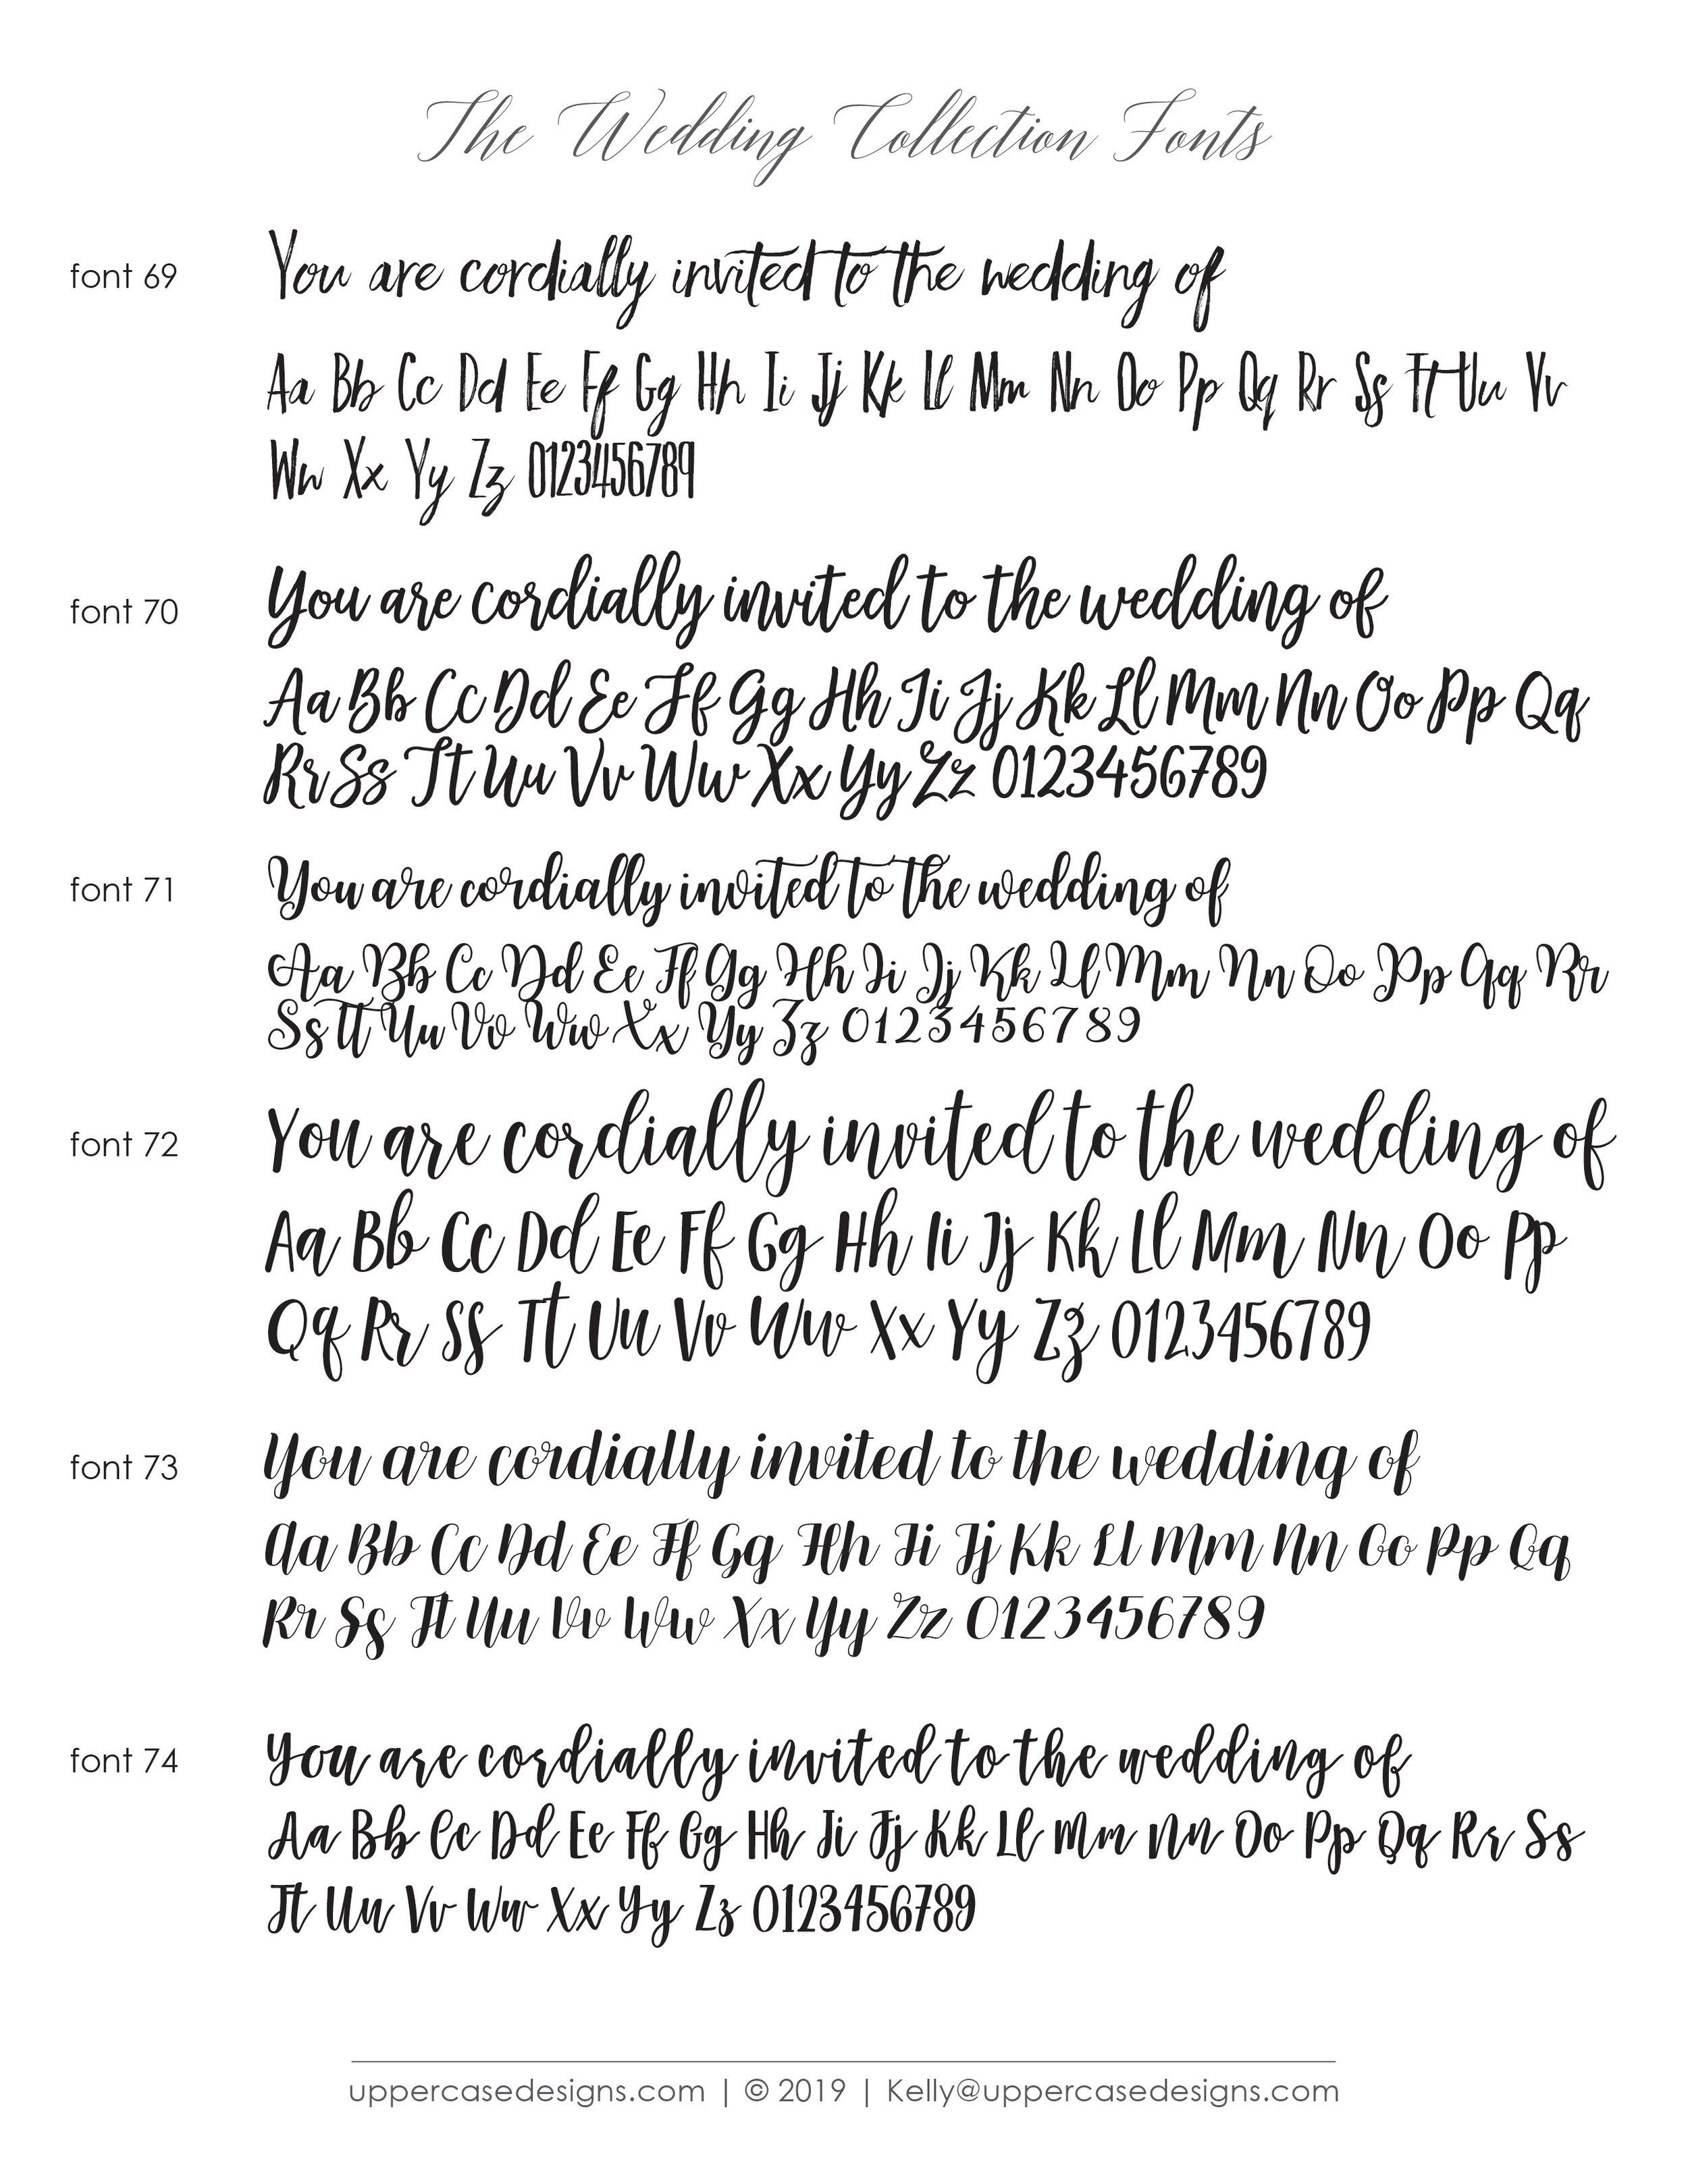 Uppercase Designs - Font Guide 201913.jpg